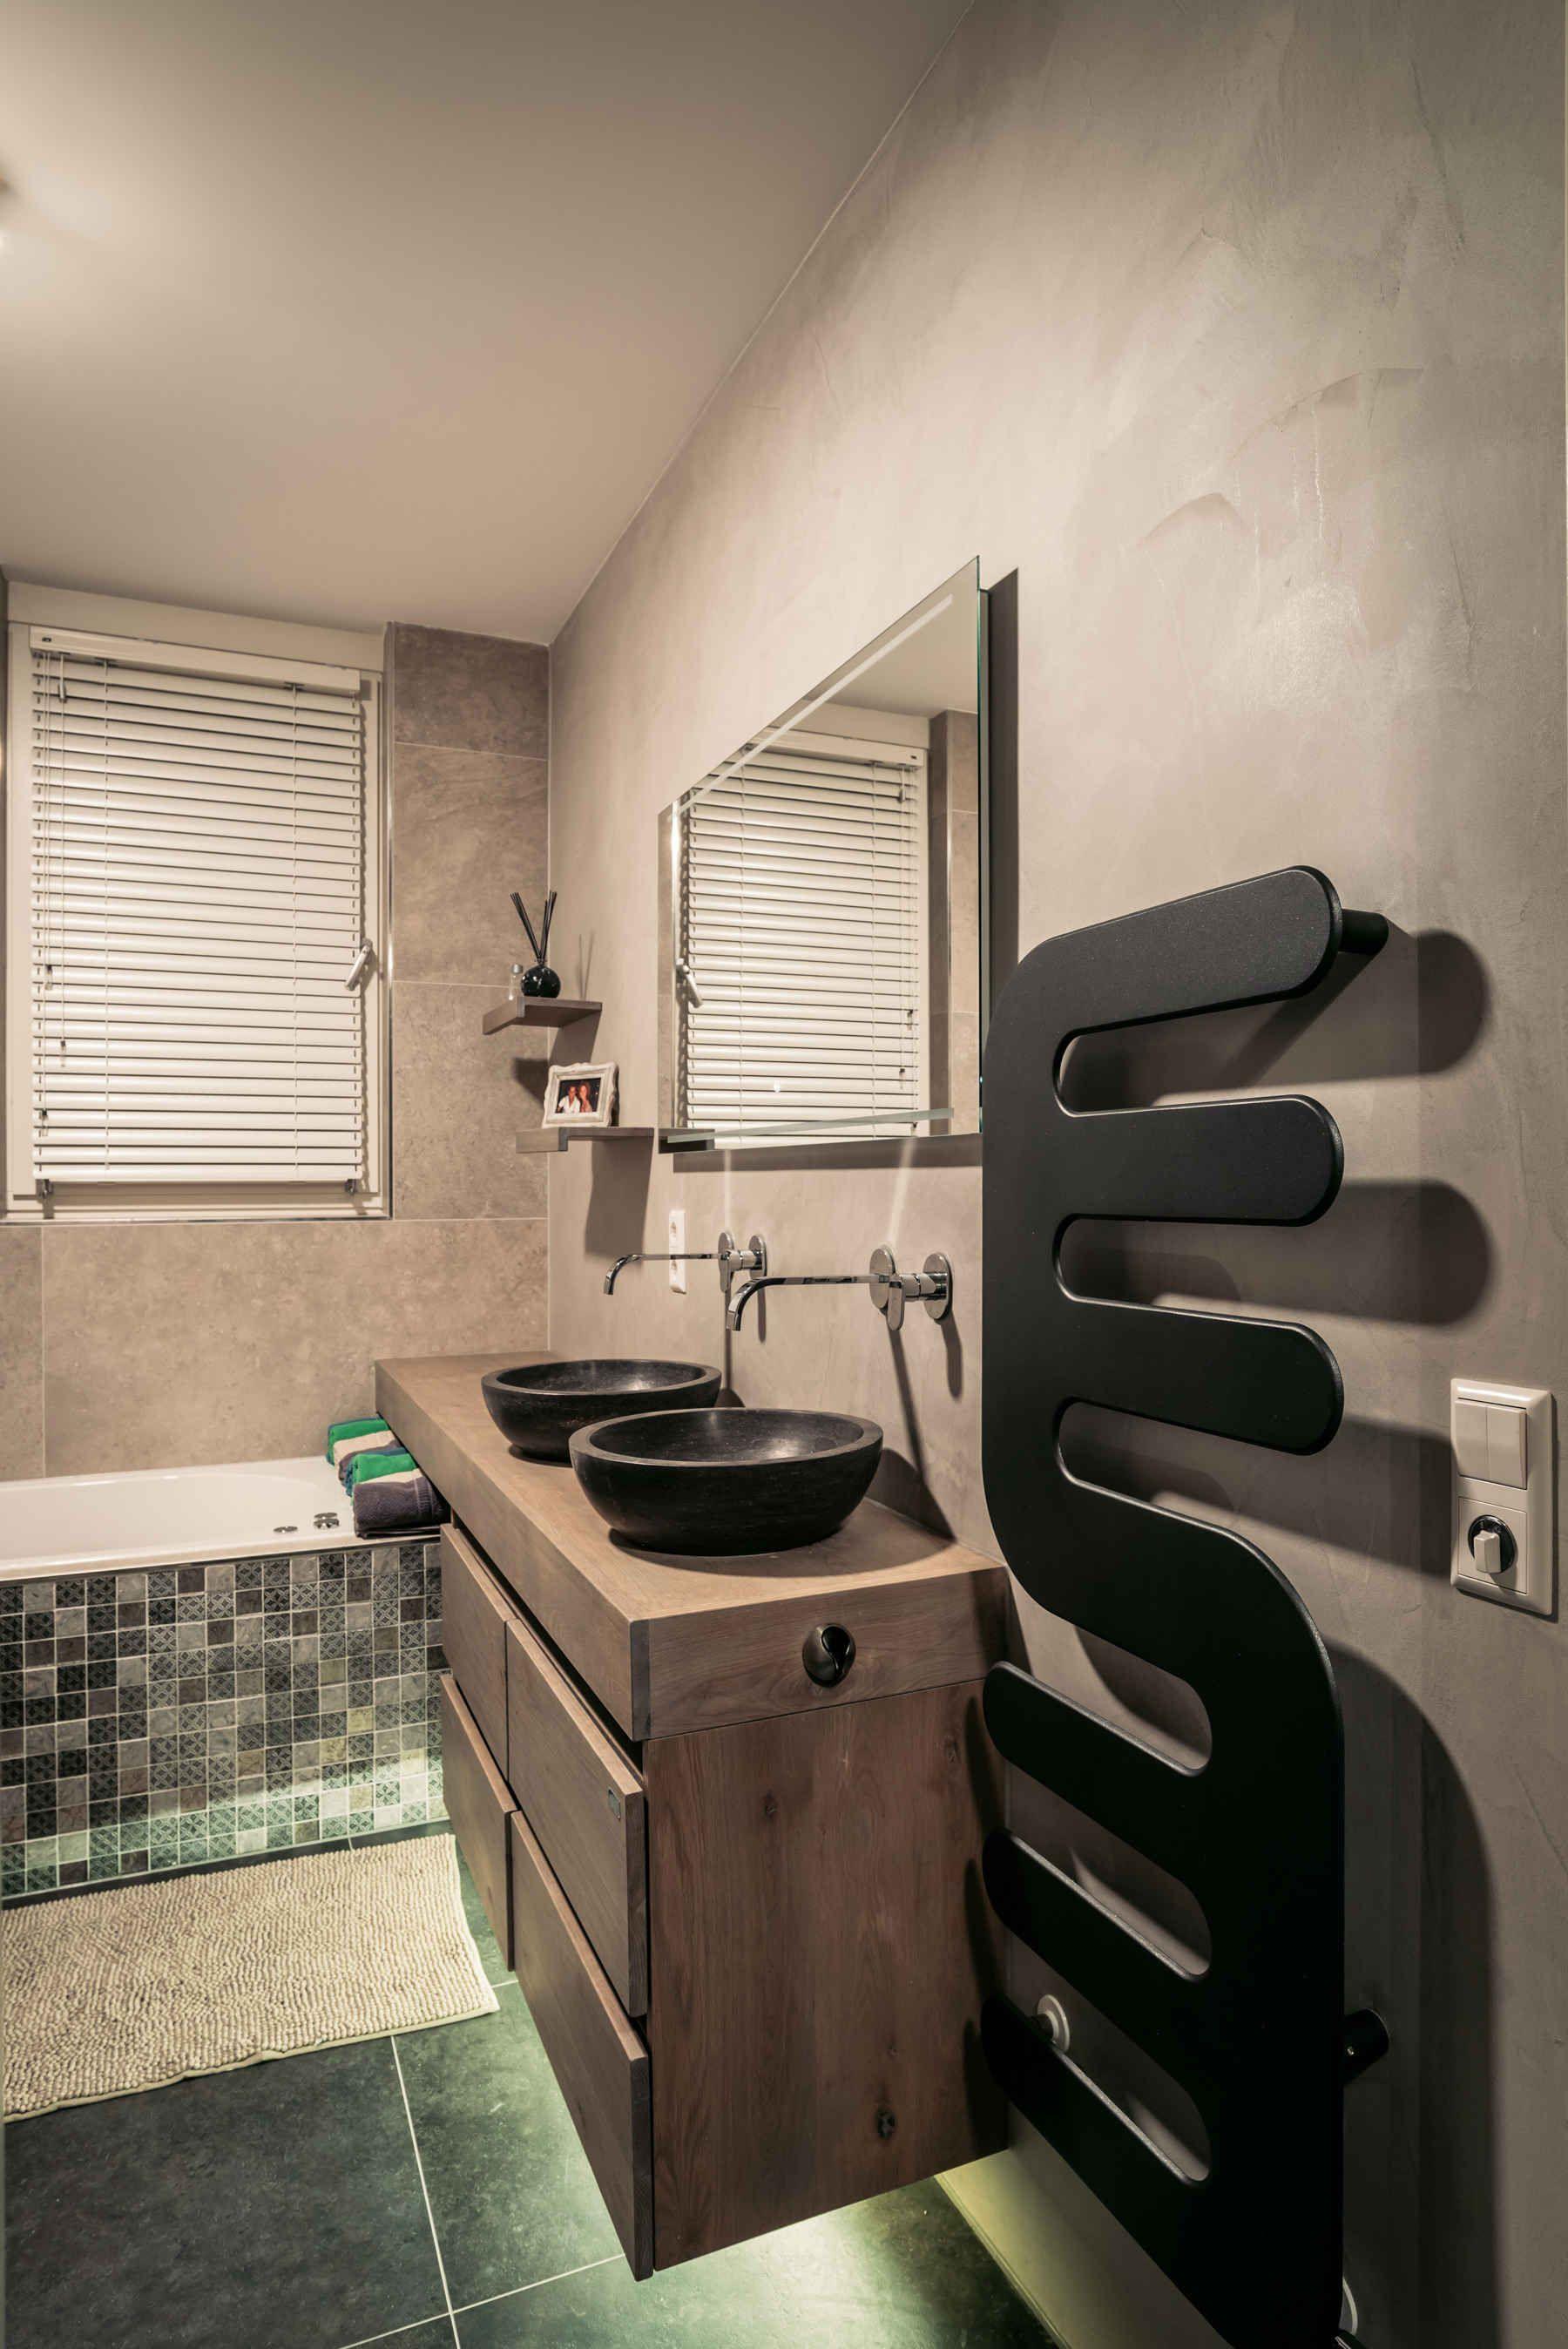 Betegelde badkamer met design verwarming / handdoekdroger, rustieke ...